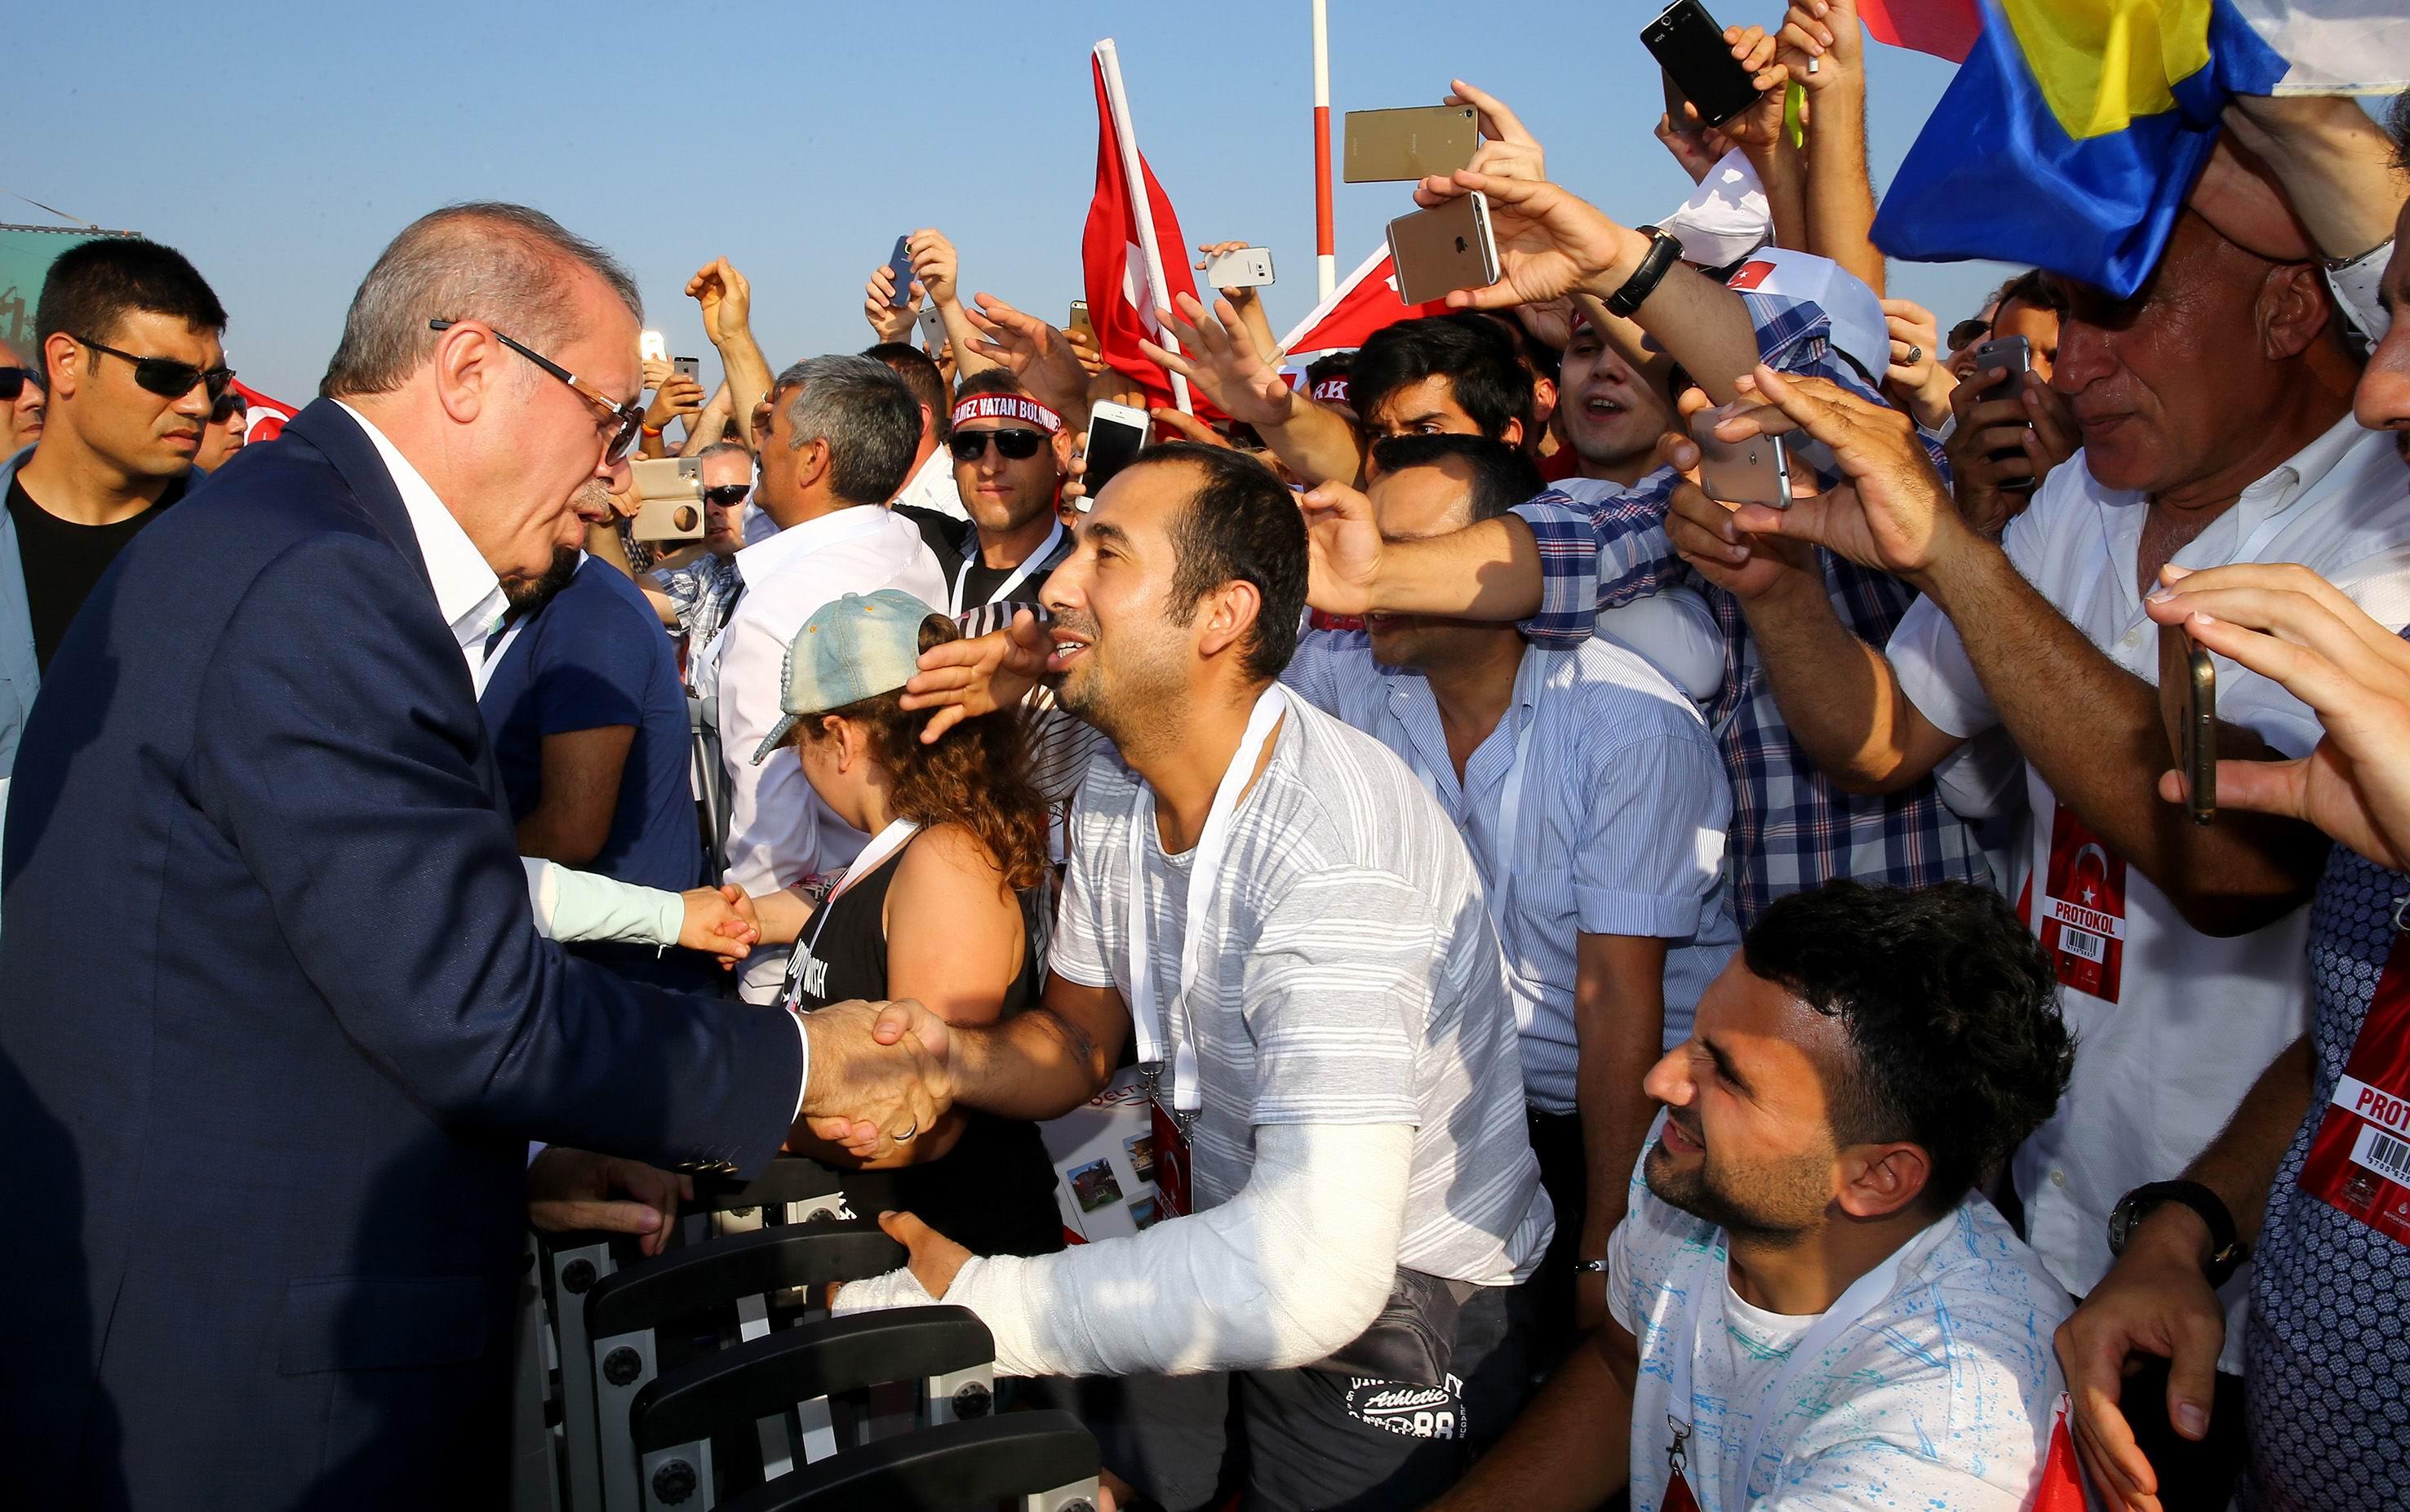 الرئيس التركي وسط مؤيديه